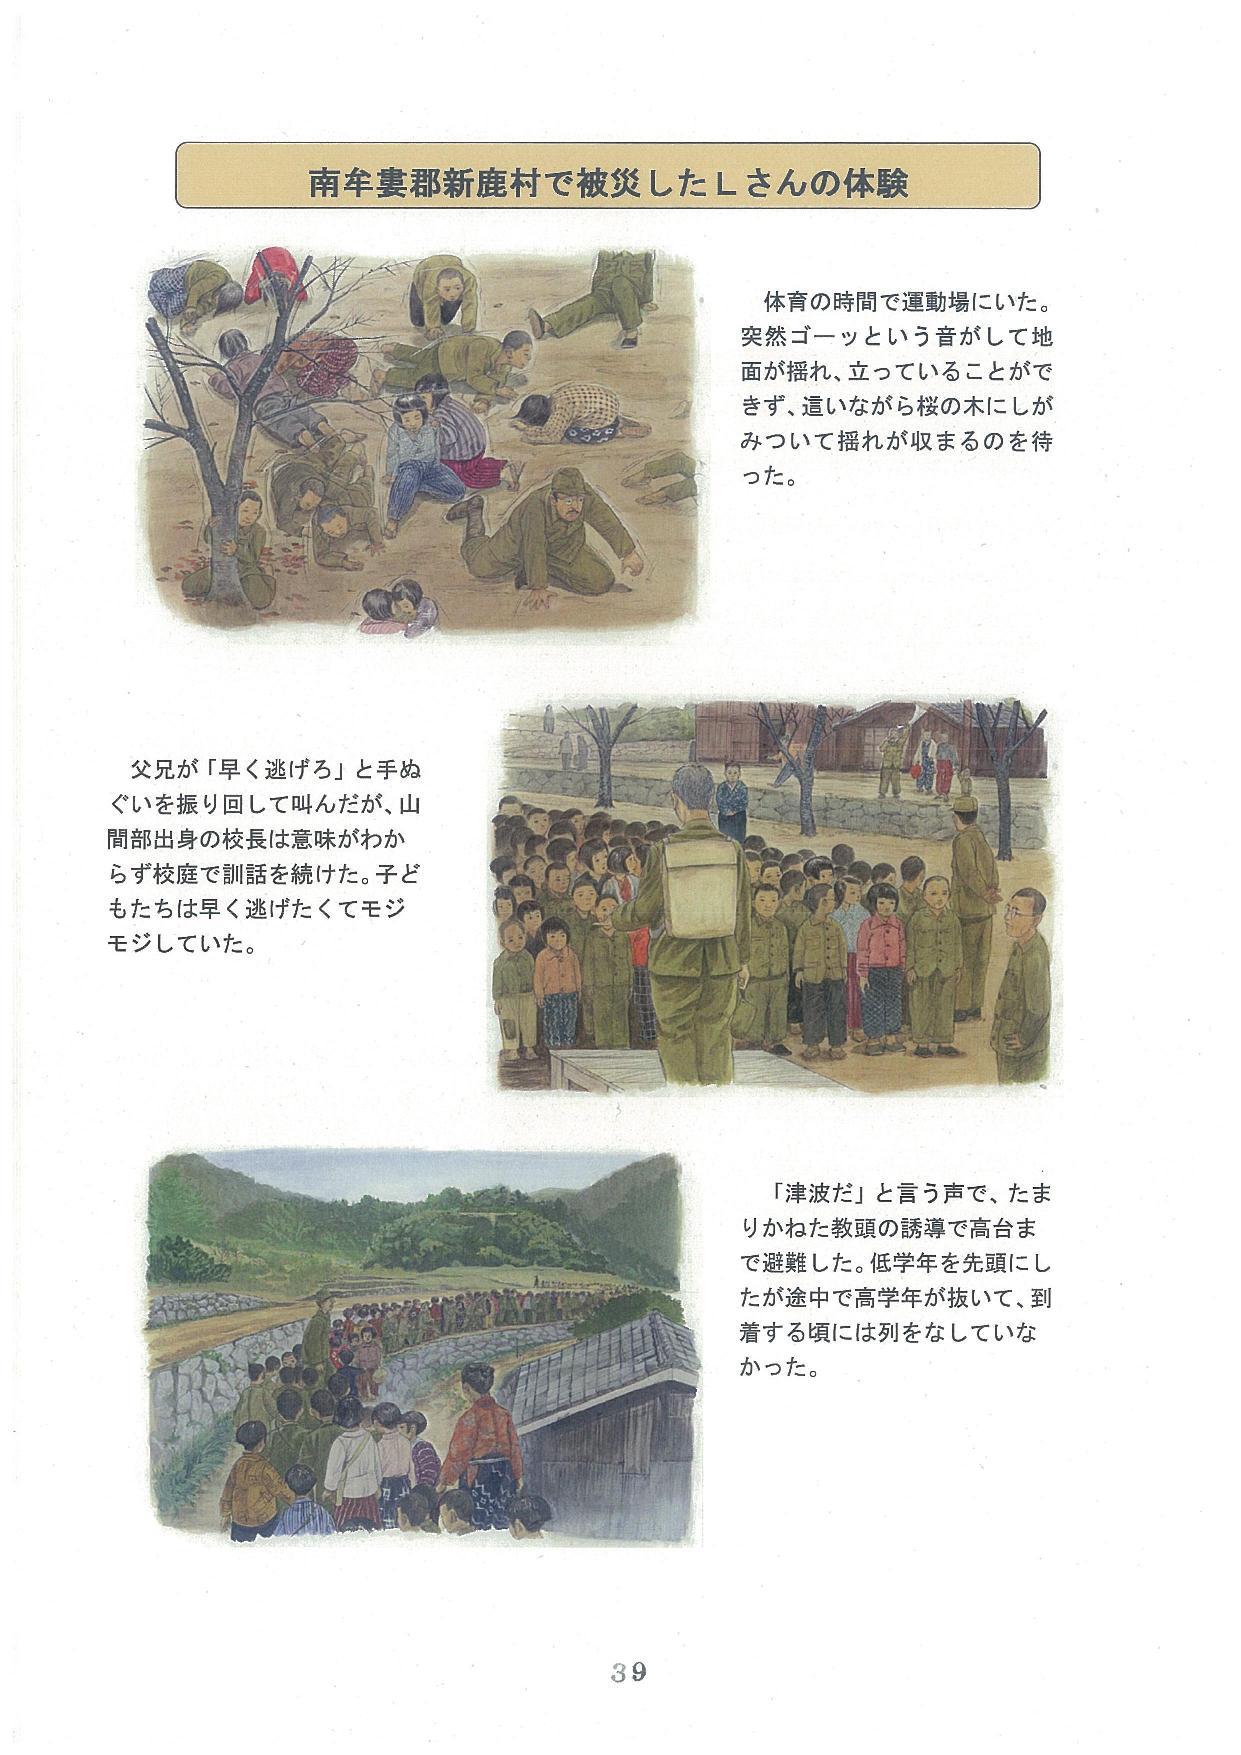 20171208-02_ページ_39